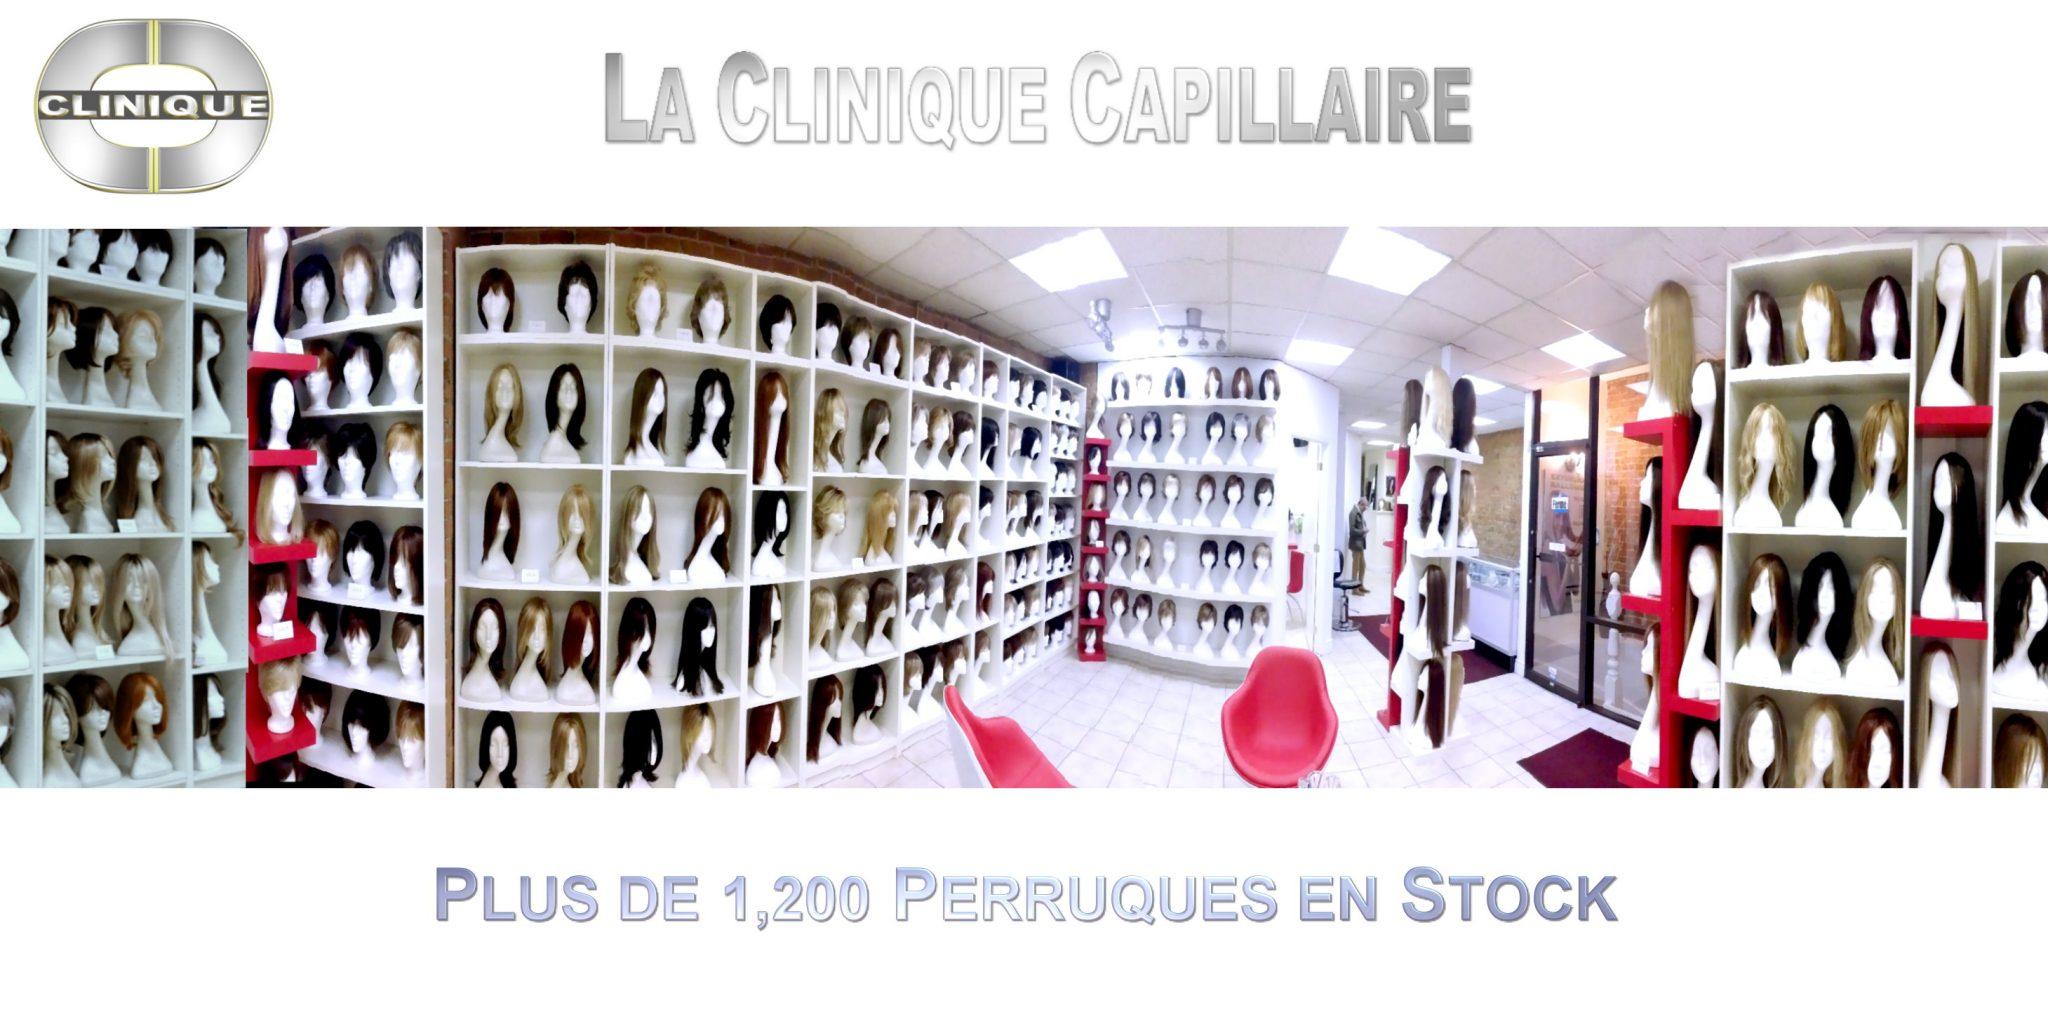 Perruque La Clinique Capillaire Montréal